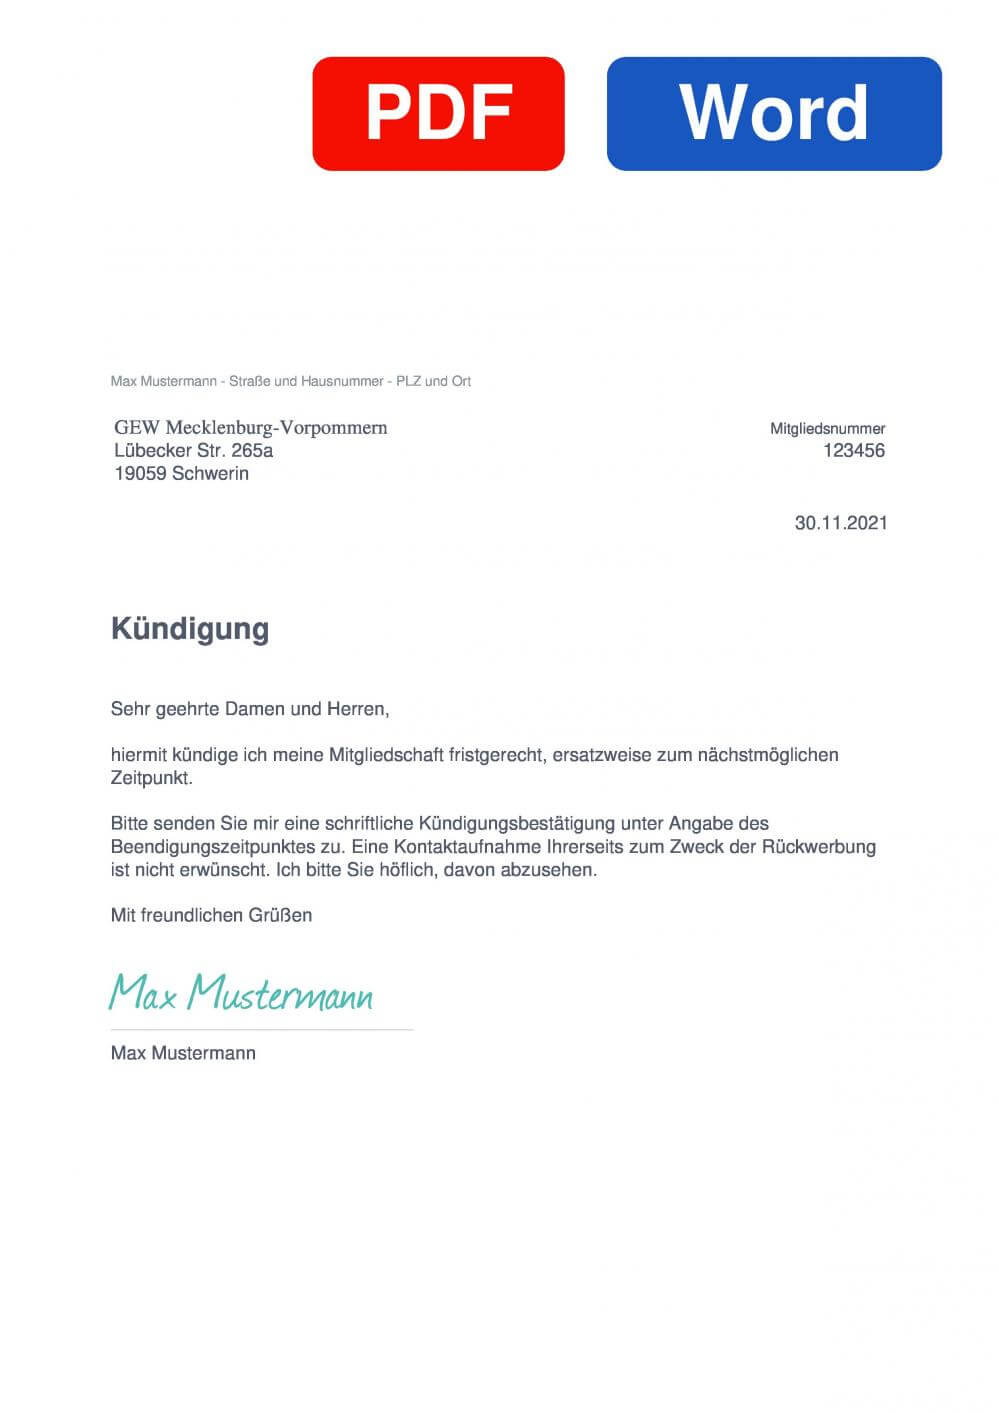 GEW Mecklenburg-Vorpormmern Muster Vorlage für Kündigungsschreiben